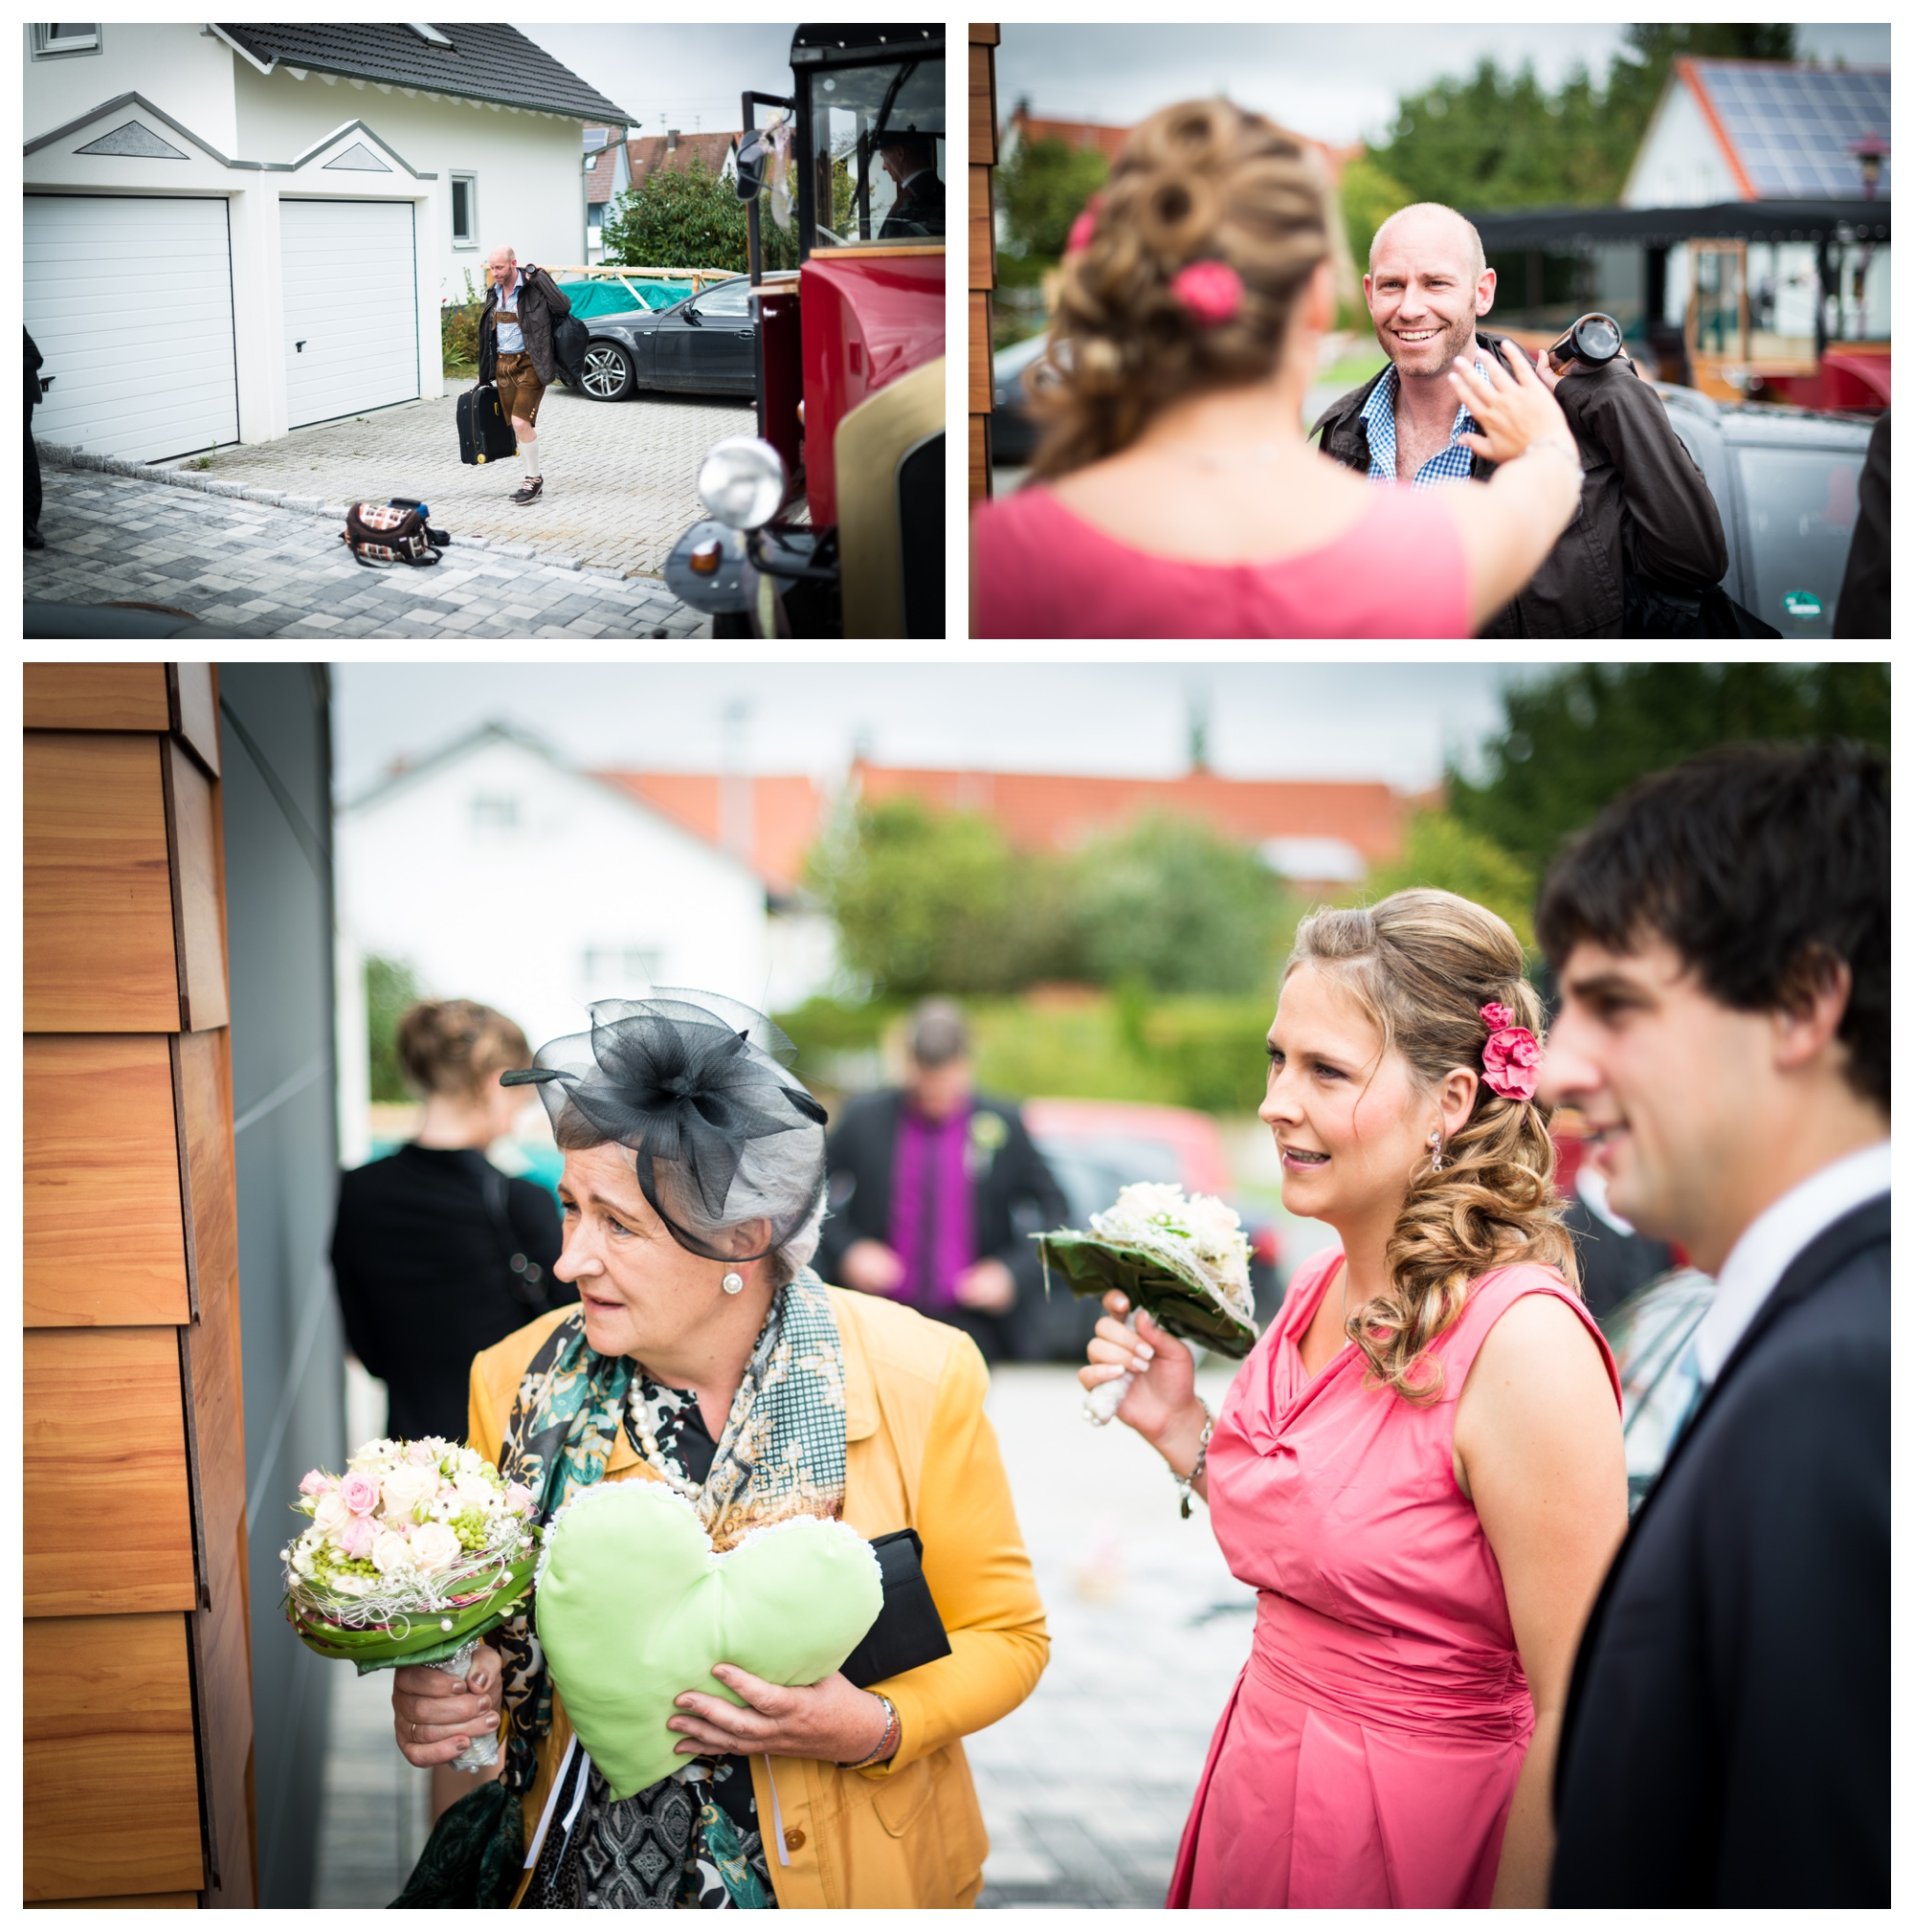 Fotograf Konstanz - Als Hochzeitsfotograf in Bad Dürrheim unterwegs  - 15 -